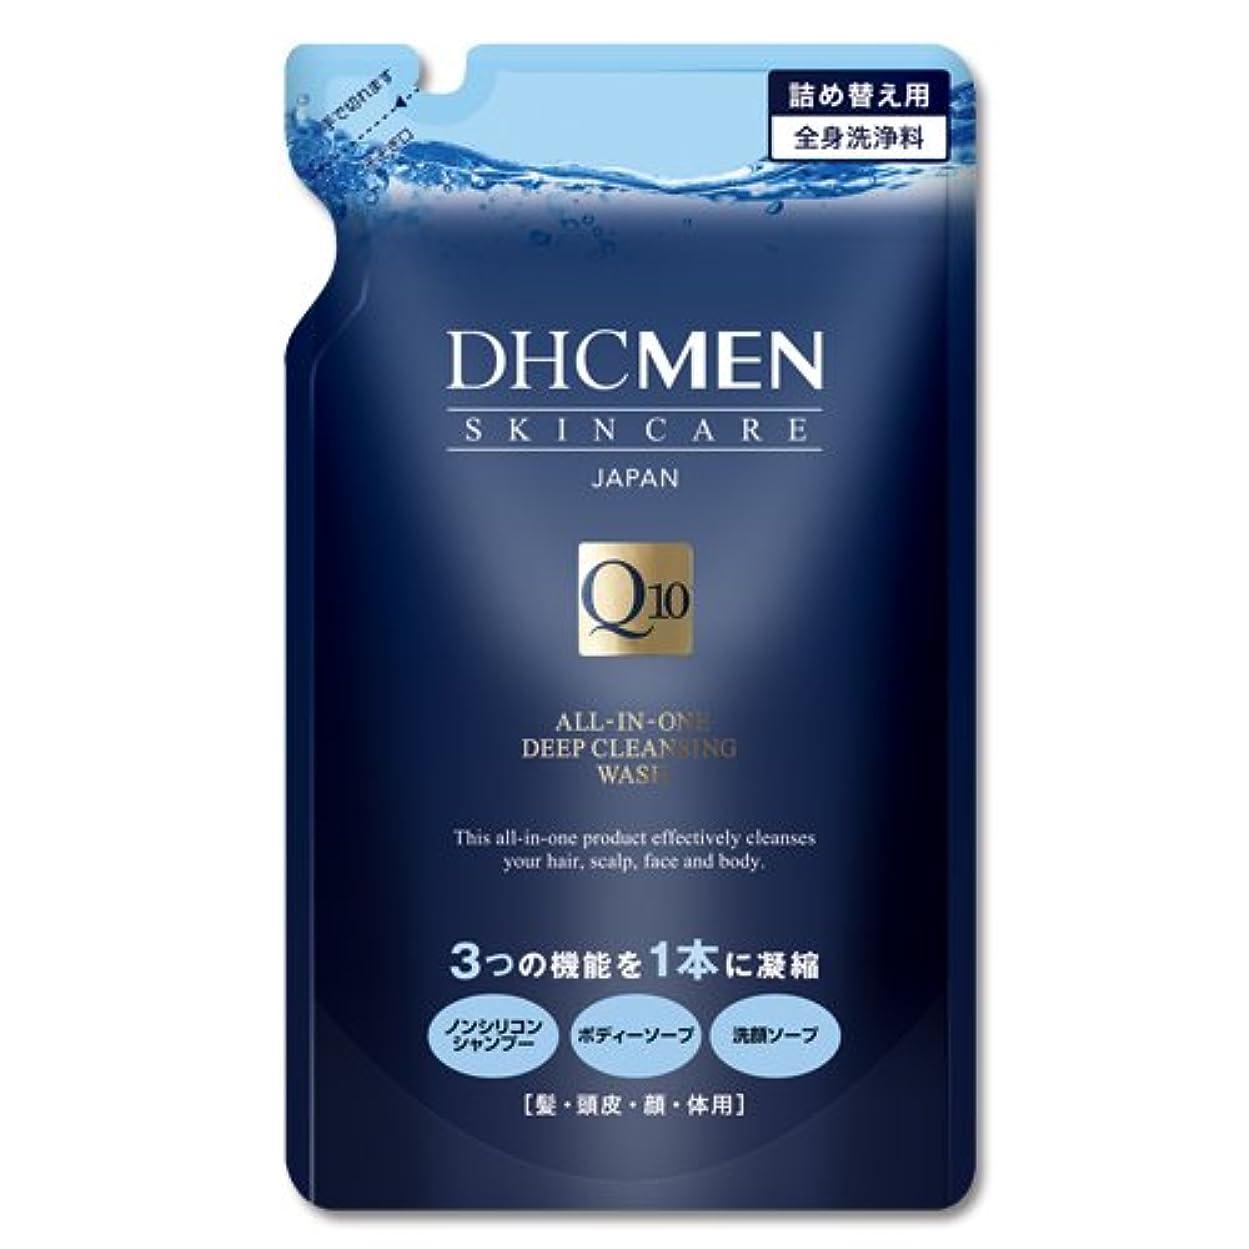 五擬人化提供されたDHC MEN オールインワン ディープクレンジングウォッシュ 詰め替え用